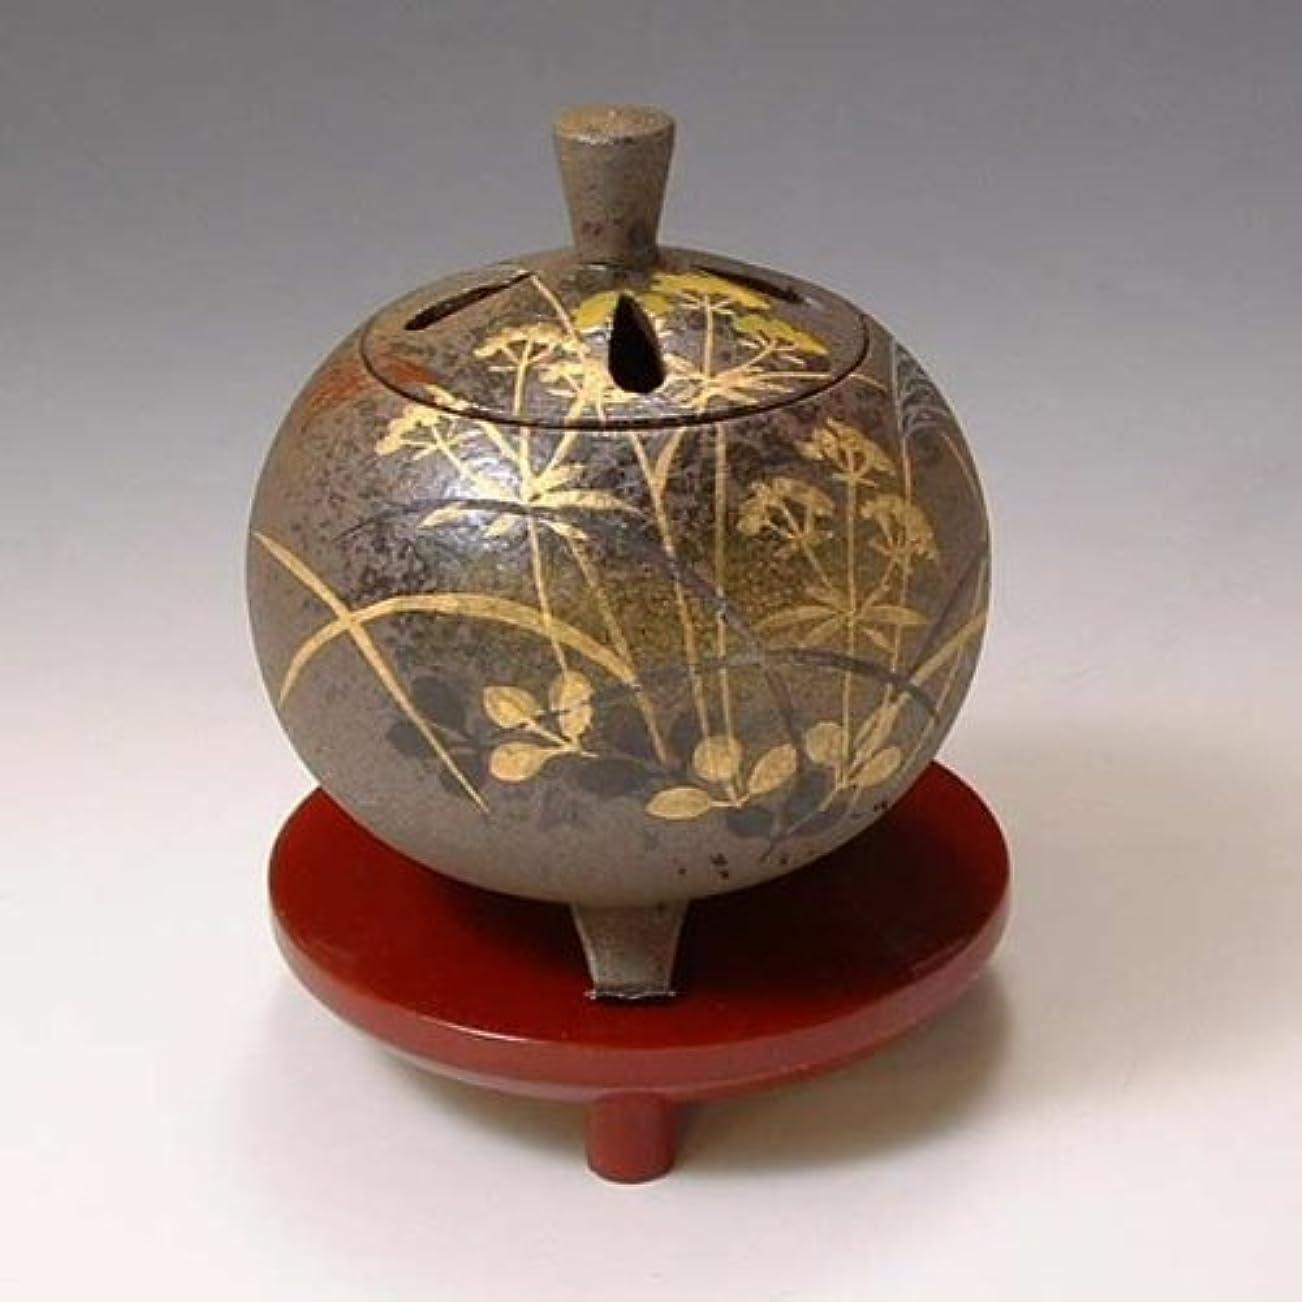 宣教師置くためにパックラウンジYXM164 清水焼 京焼 香炉(朱台付) ギフト 武蔵野 むさしの